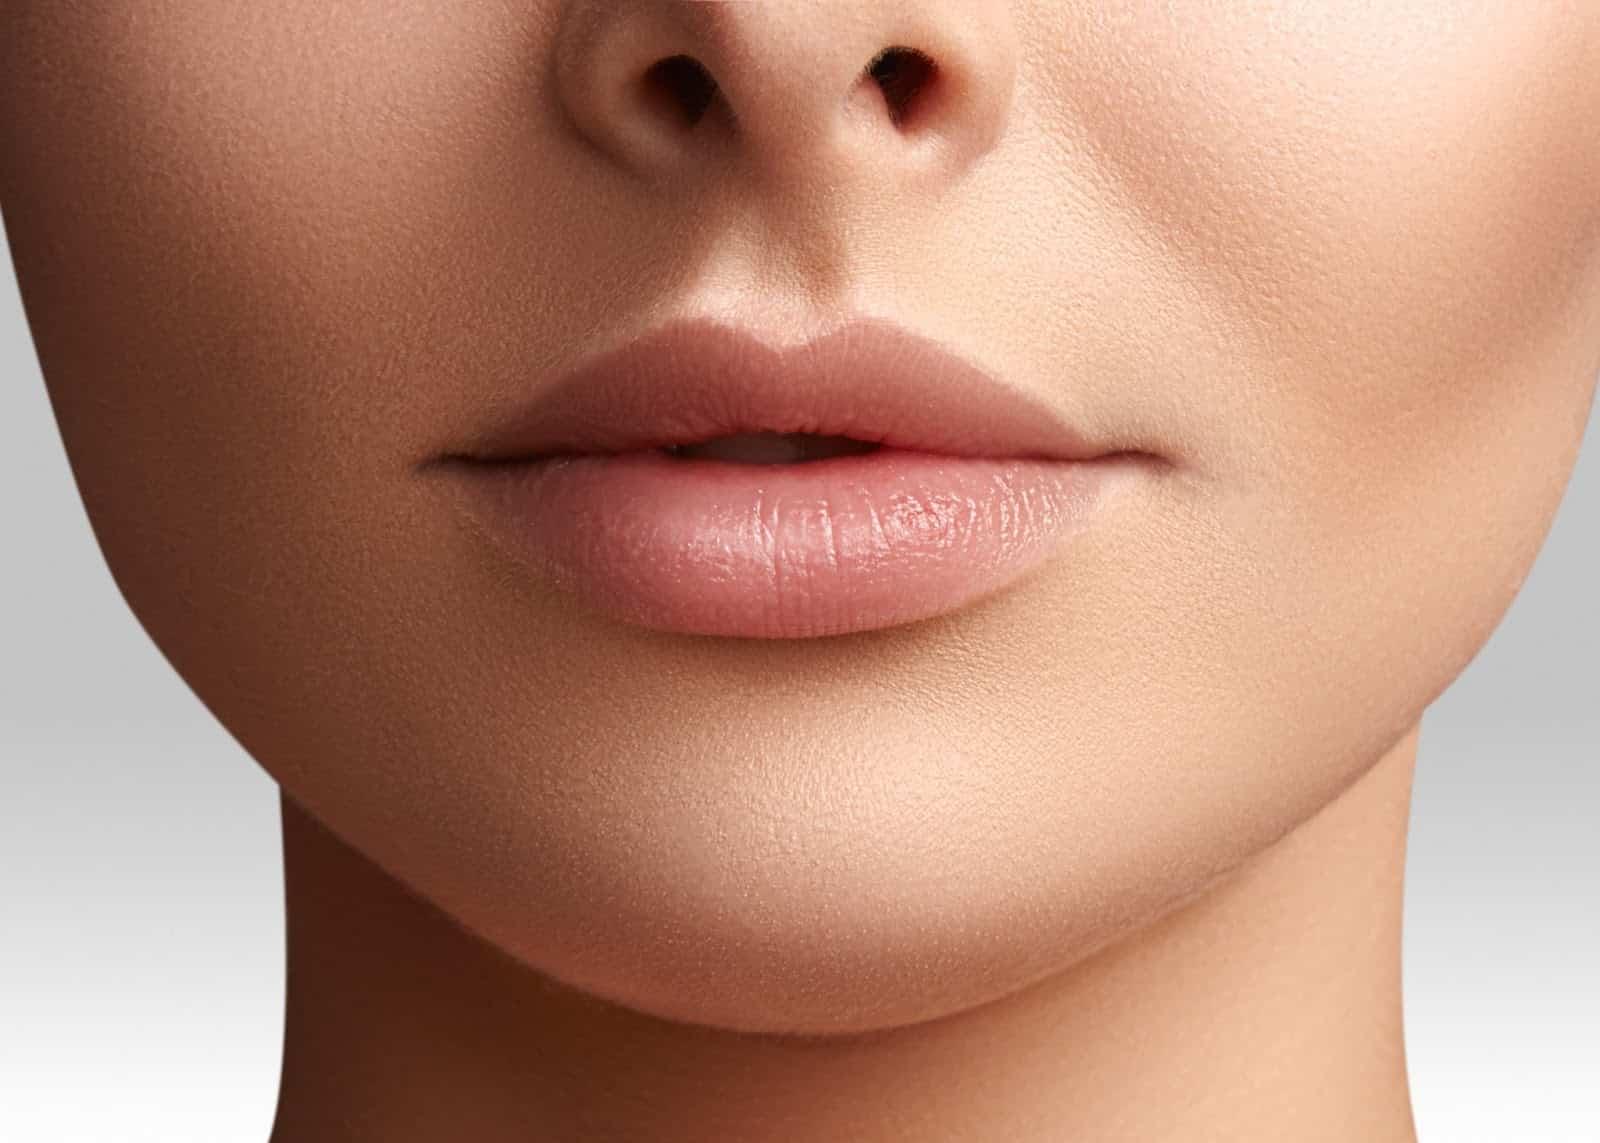 Filler For Lip Lines Image 1